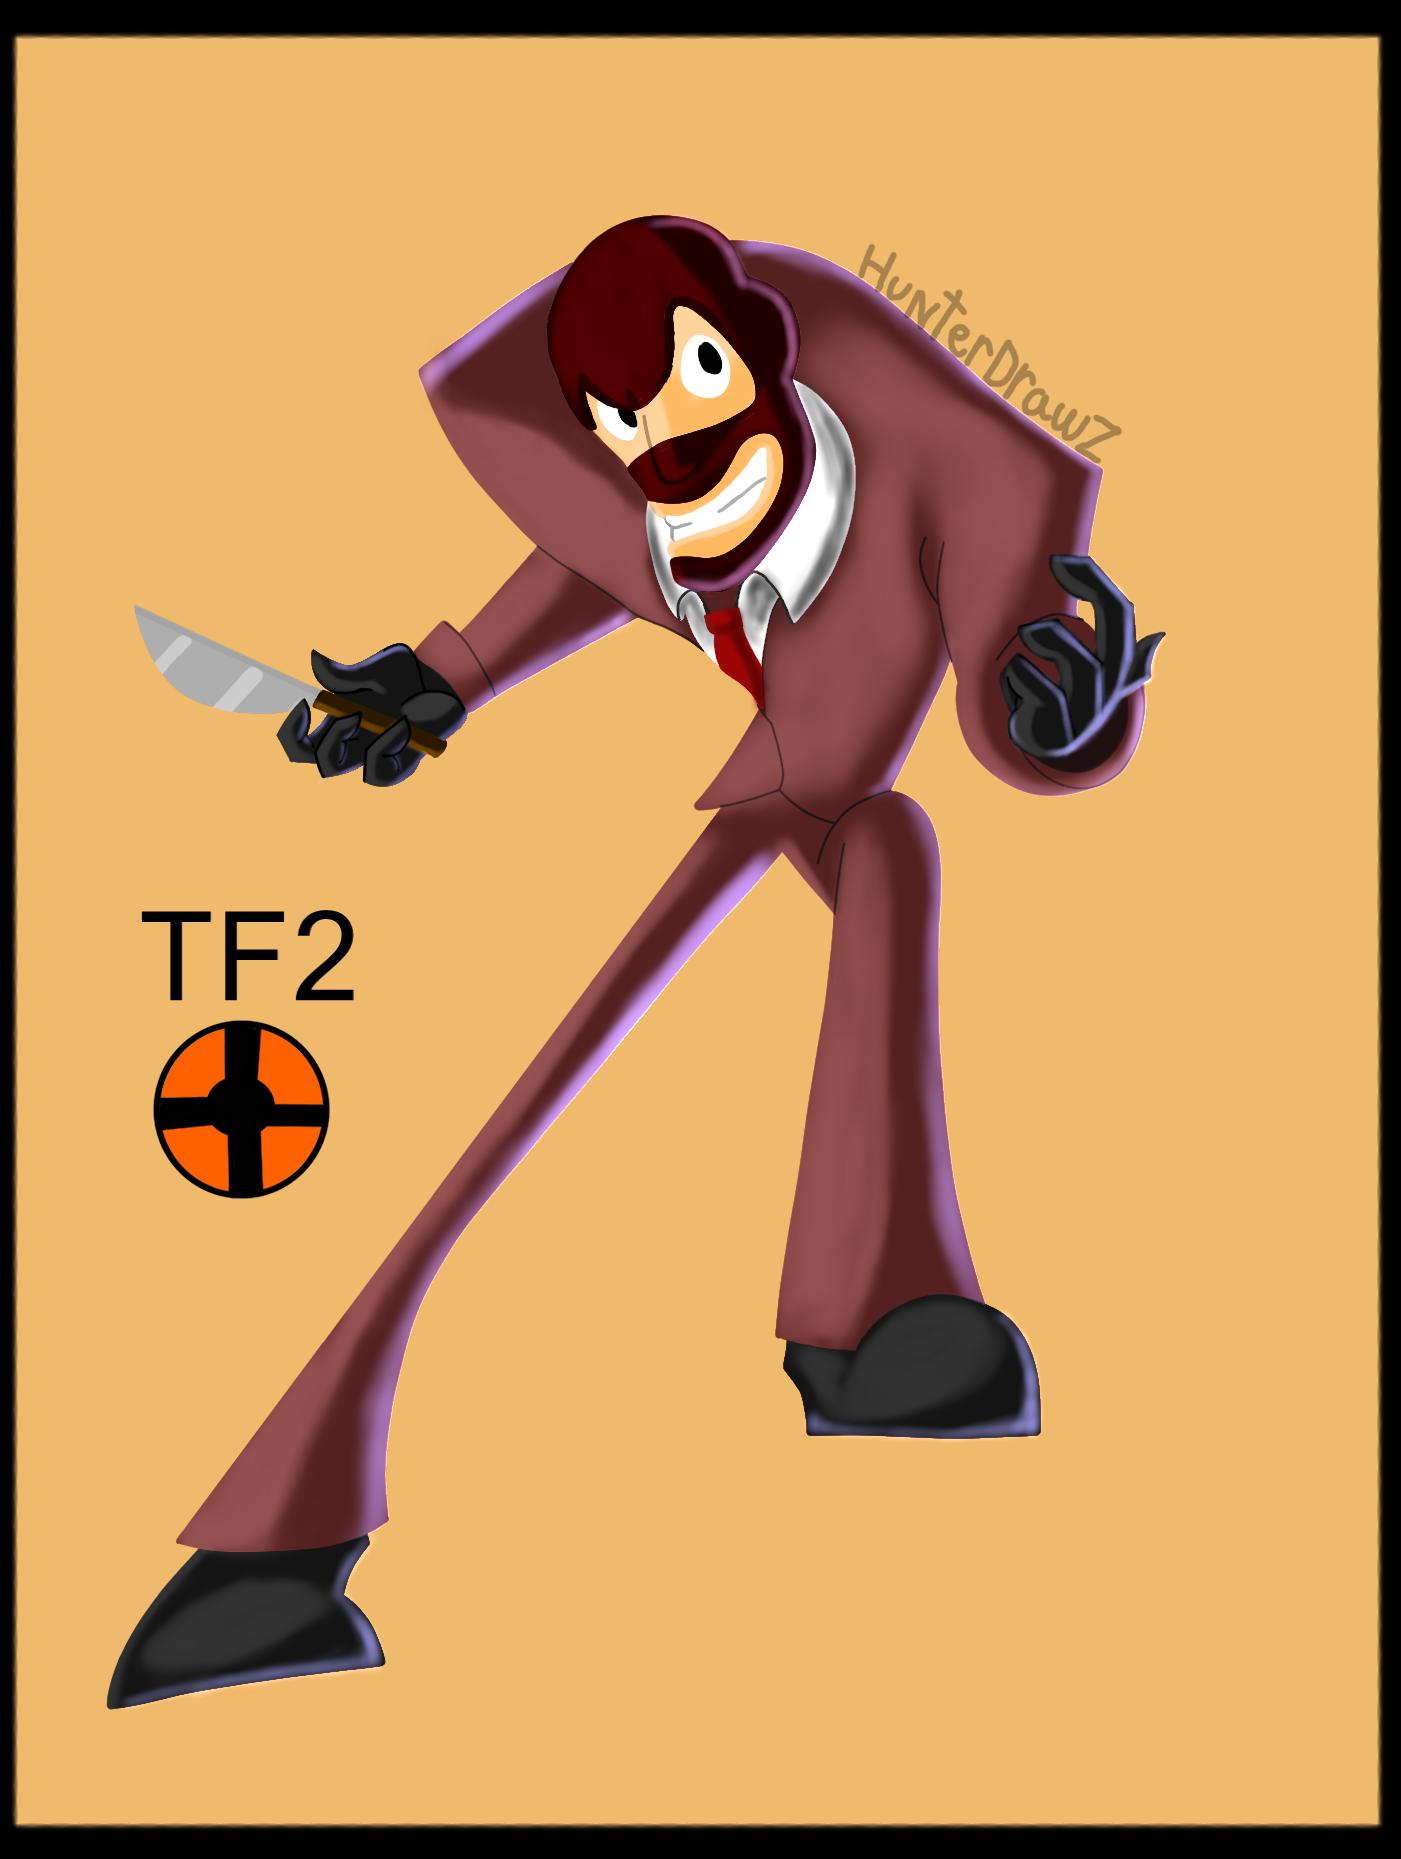 Tf2 Spy Fan Art By Hunterdrawz On Newgrounds